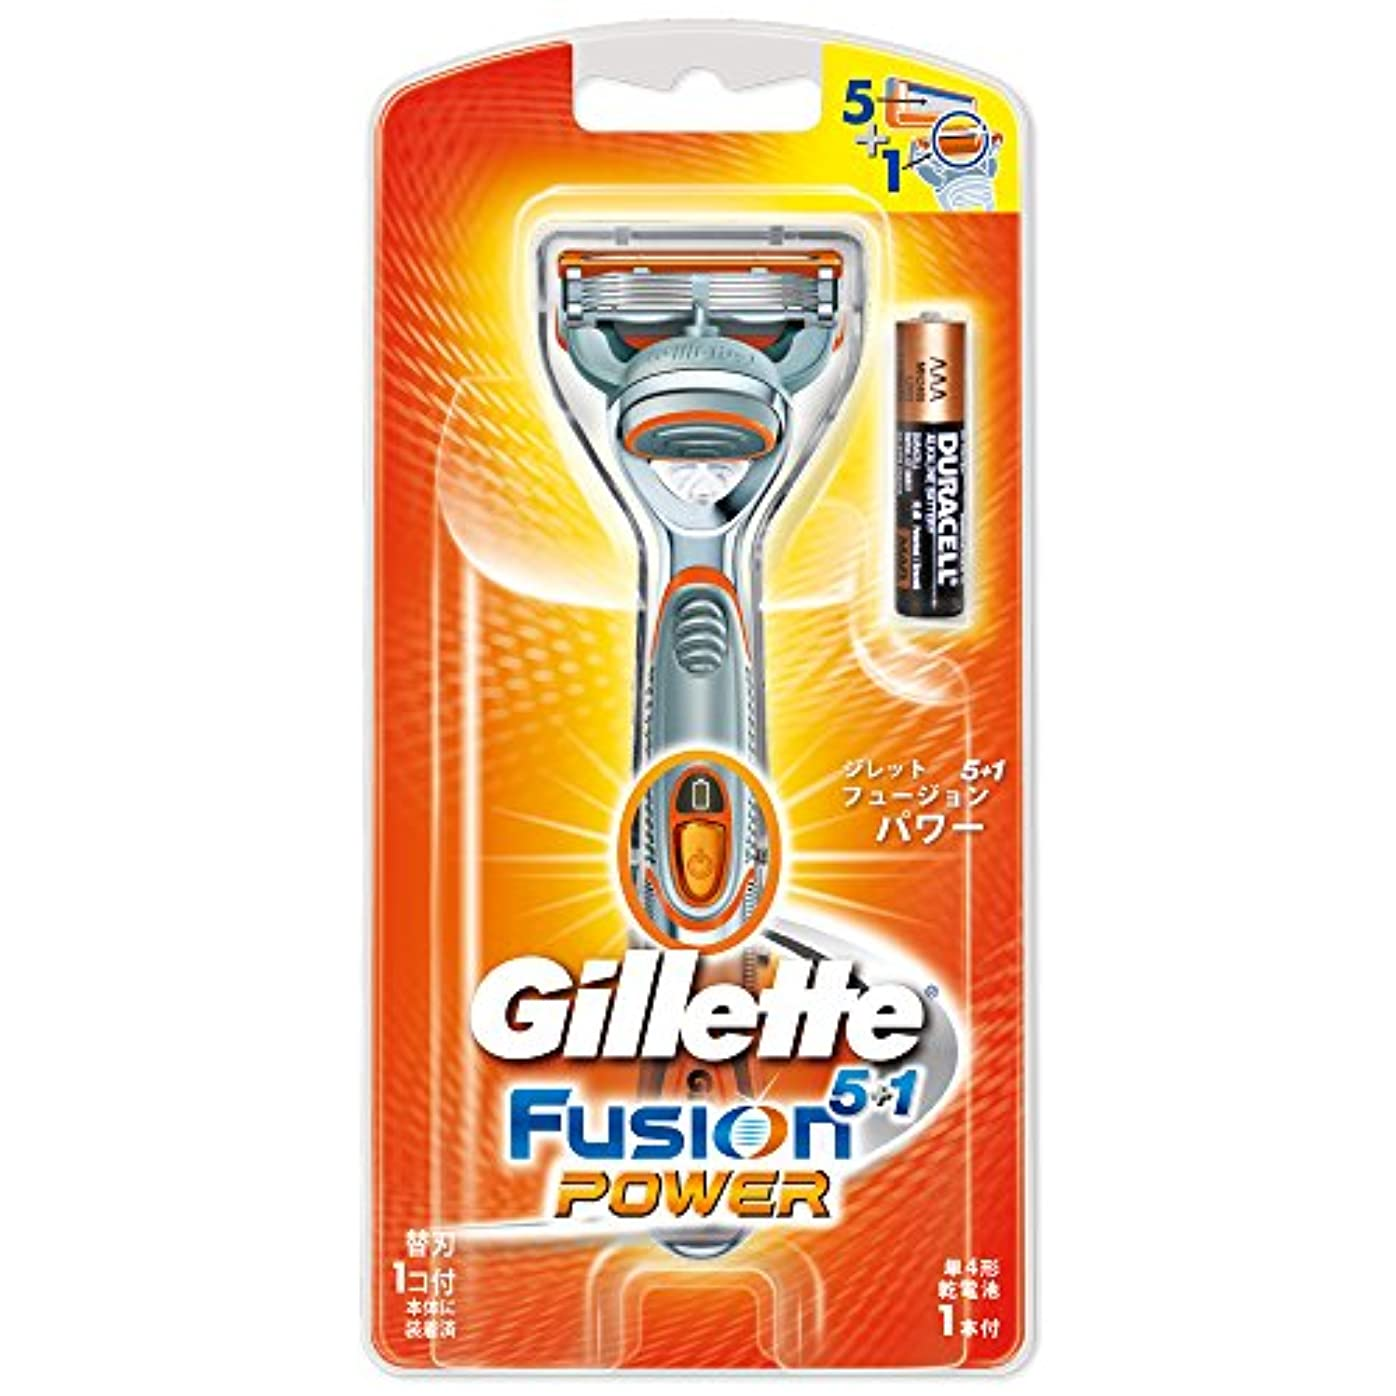 皮収束するサイズジレット 髭剃り フュージョン5+1 パワー 本体